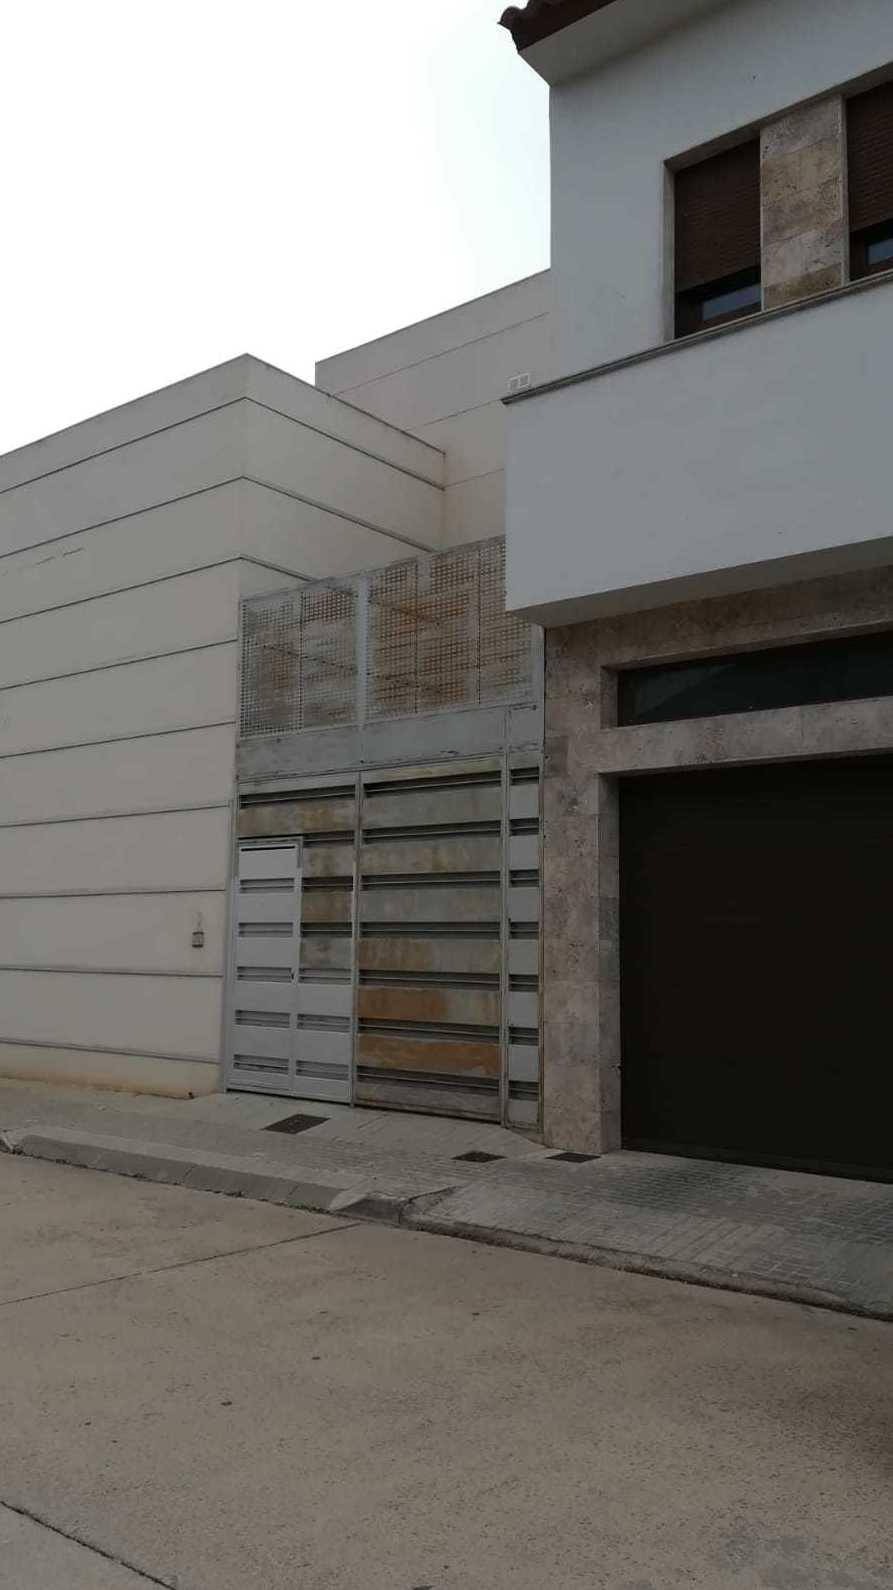 Casa nueva en Torrente Ballester: Inmuebles Urbanos de ANTONIO ARAGONÉS DÍAZ PAVÓN